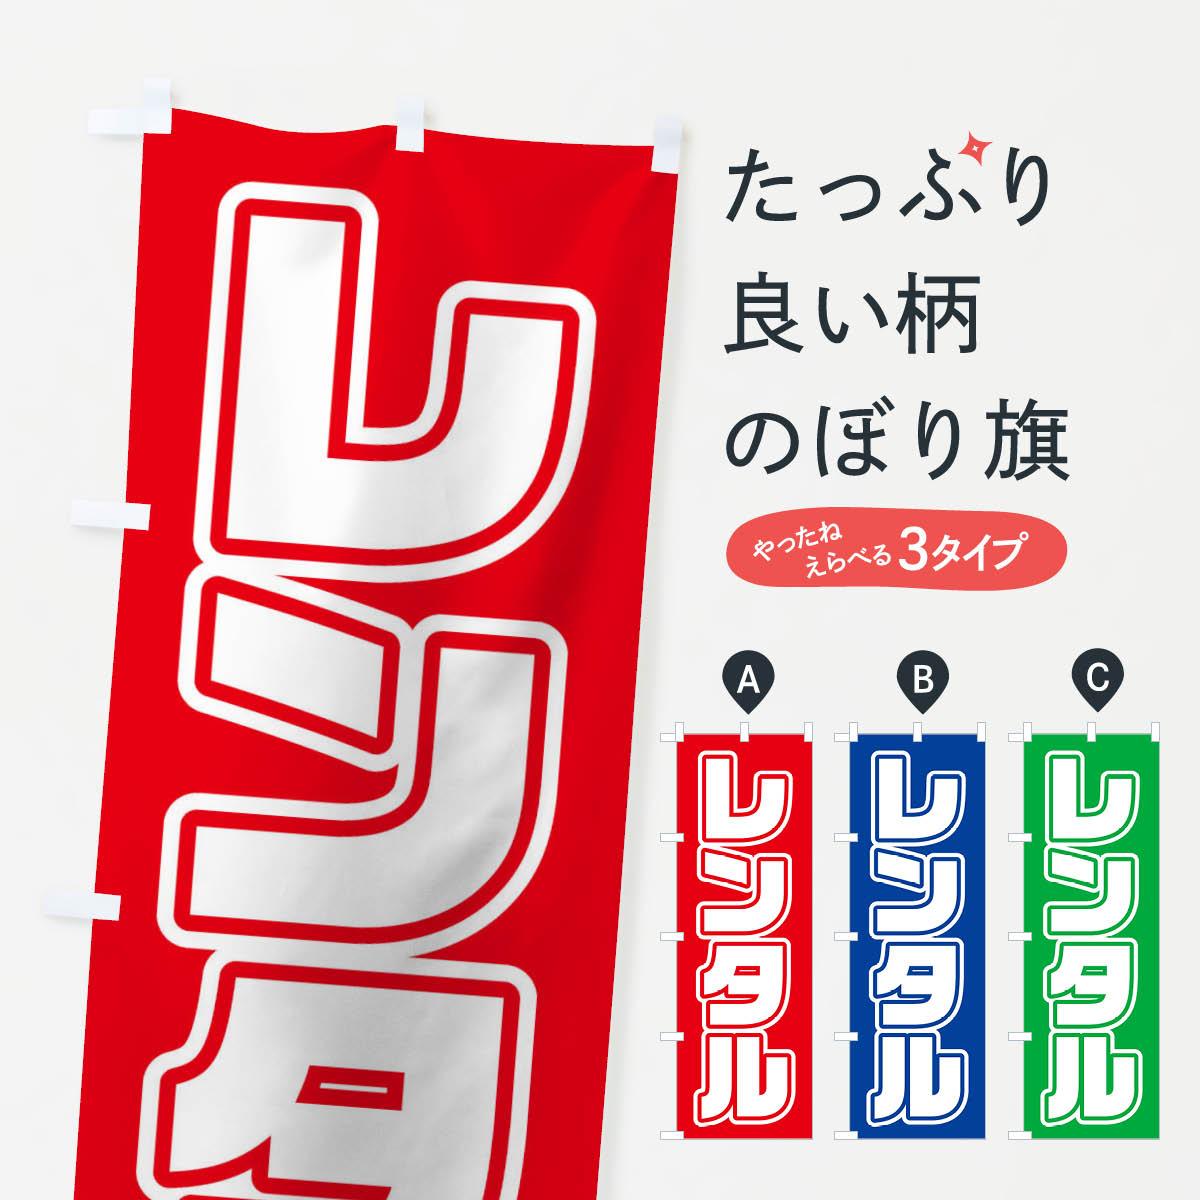 【3980送料無料】 のぼり旗 レンタルのぼり レンタルショップ